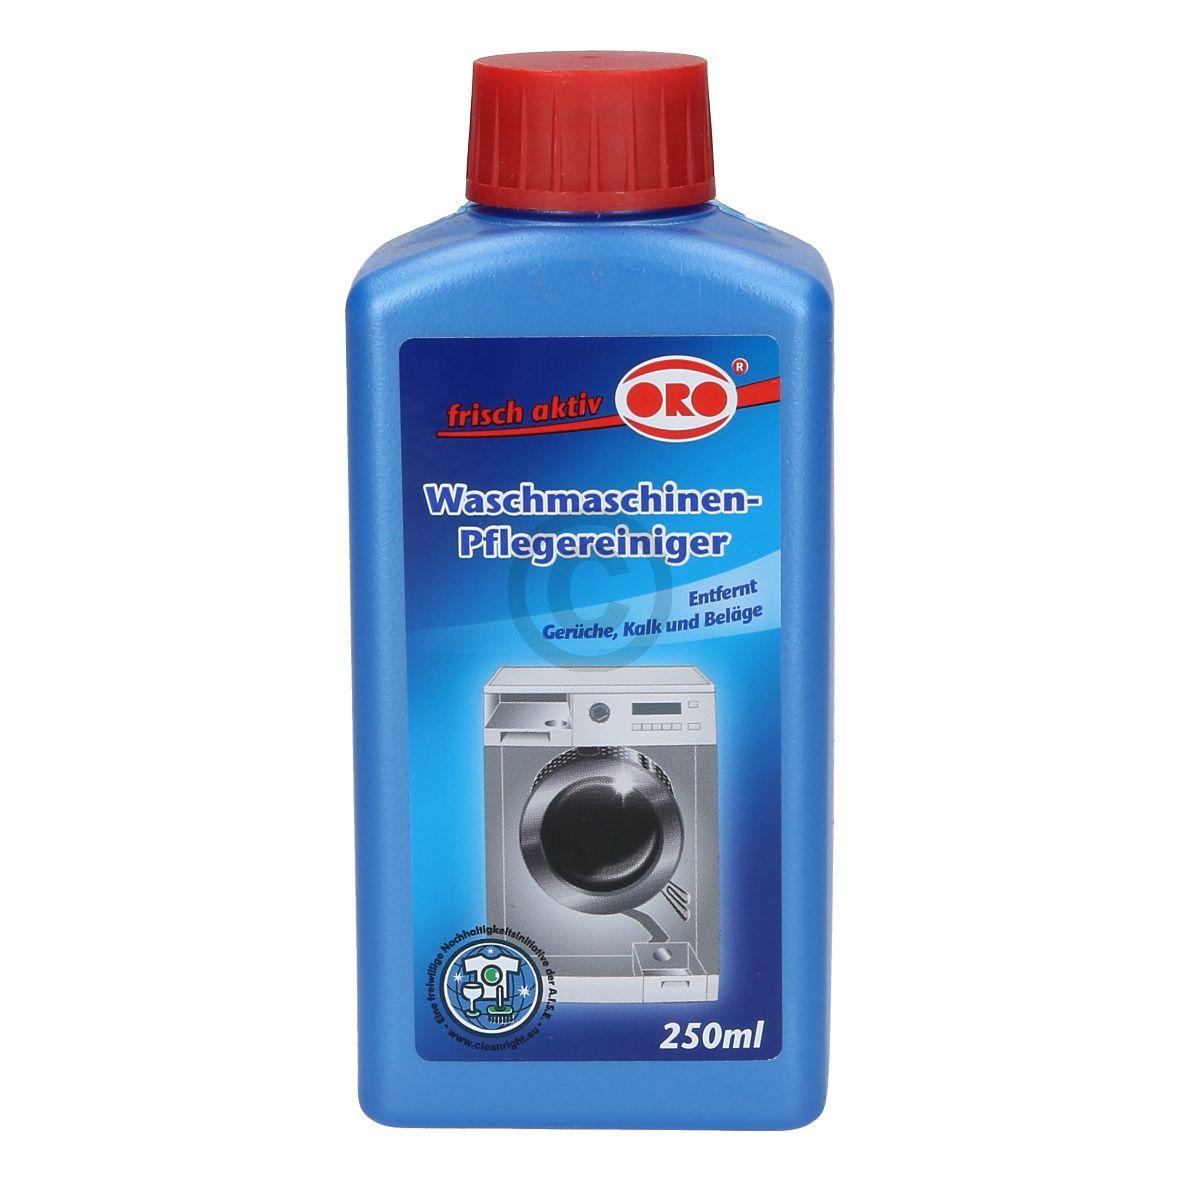 Waschmaschinen Reiniger flüssig - ORO 250ml Flasche